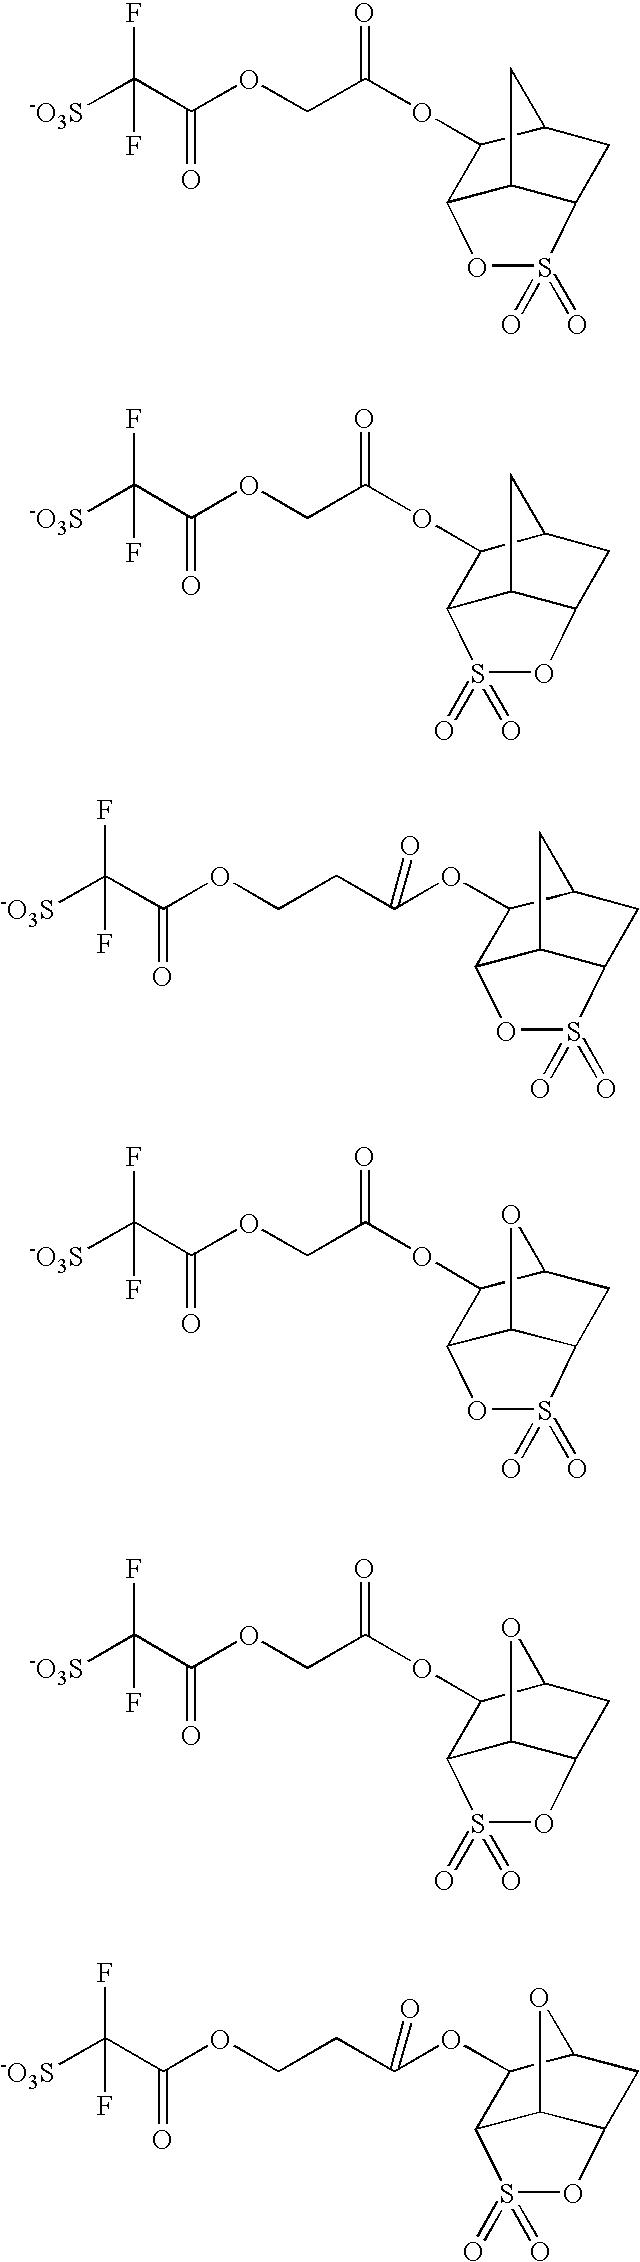 Figure US20100323296A1-20101223-C00121